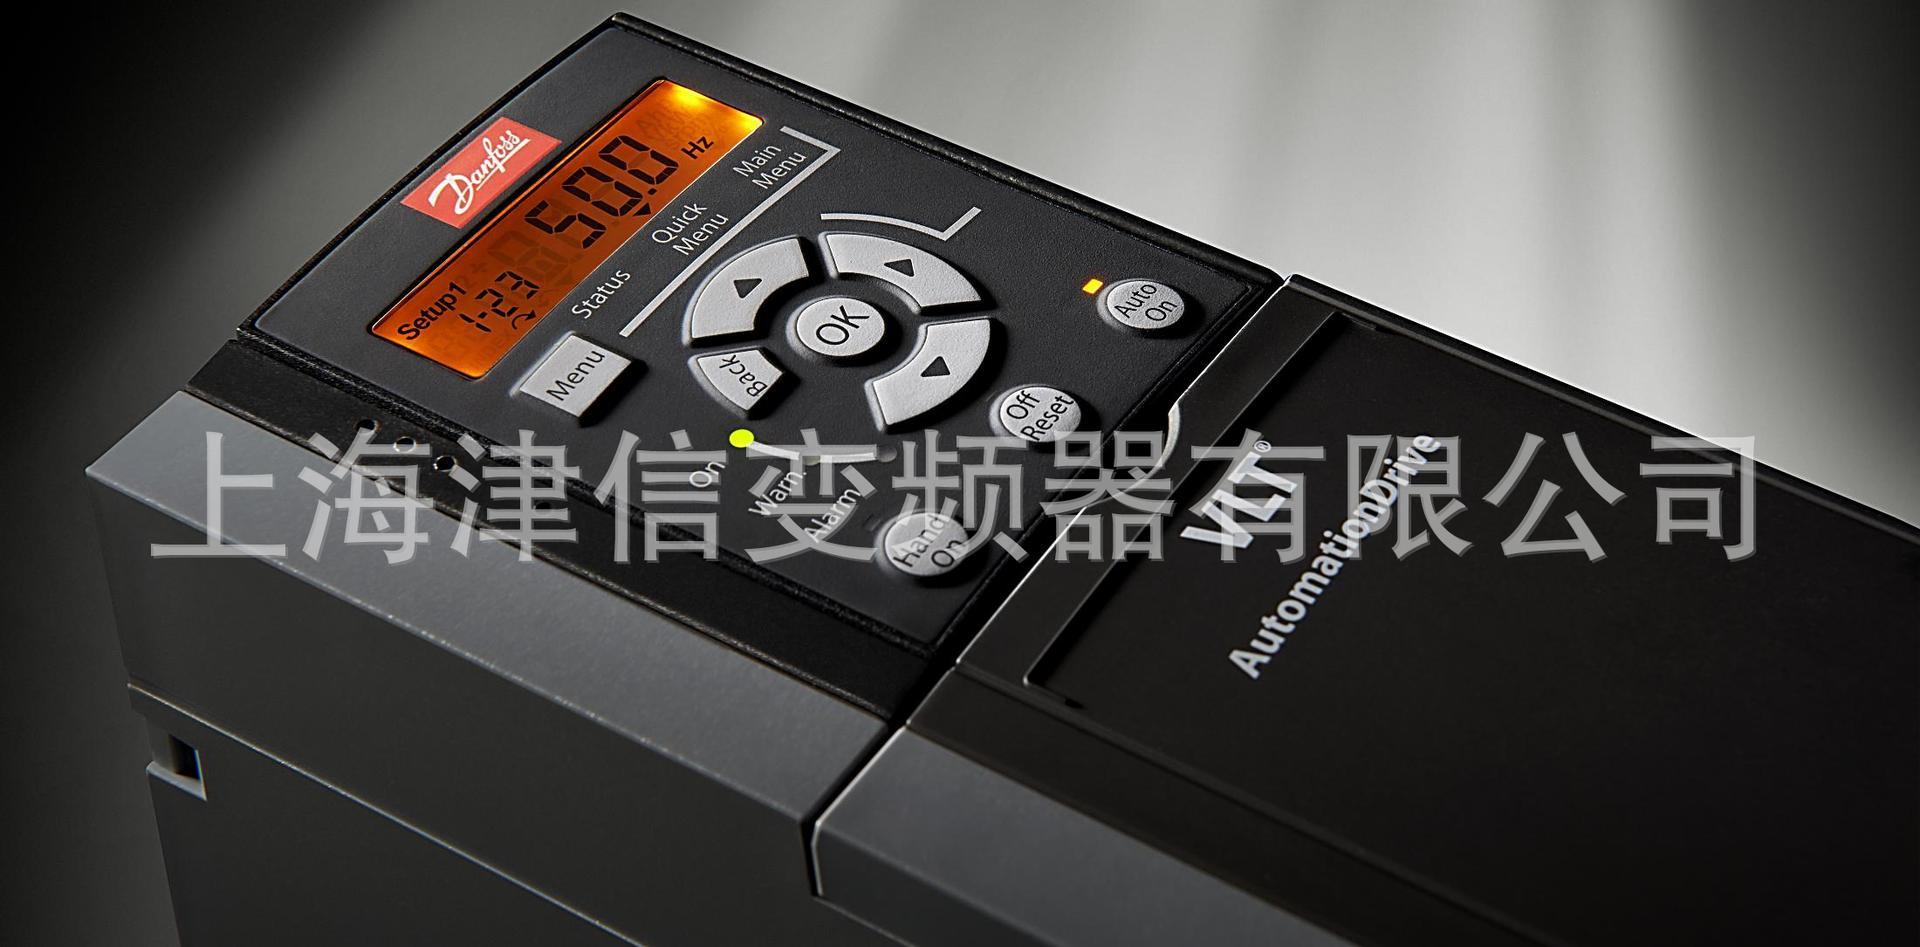 一级代理 danfoss丹佛斯变频器 fc360 变频器 30kw 通用变频器